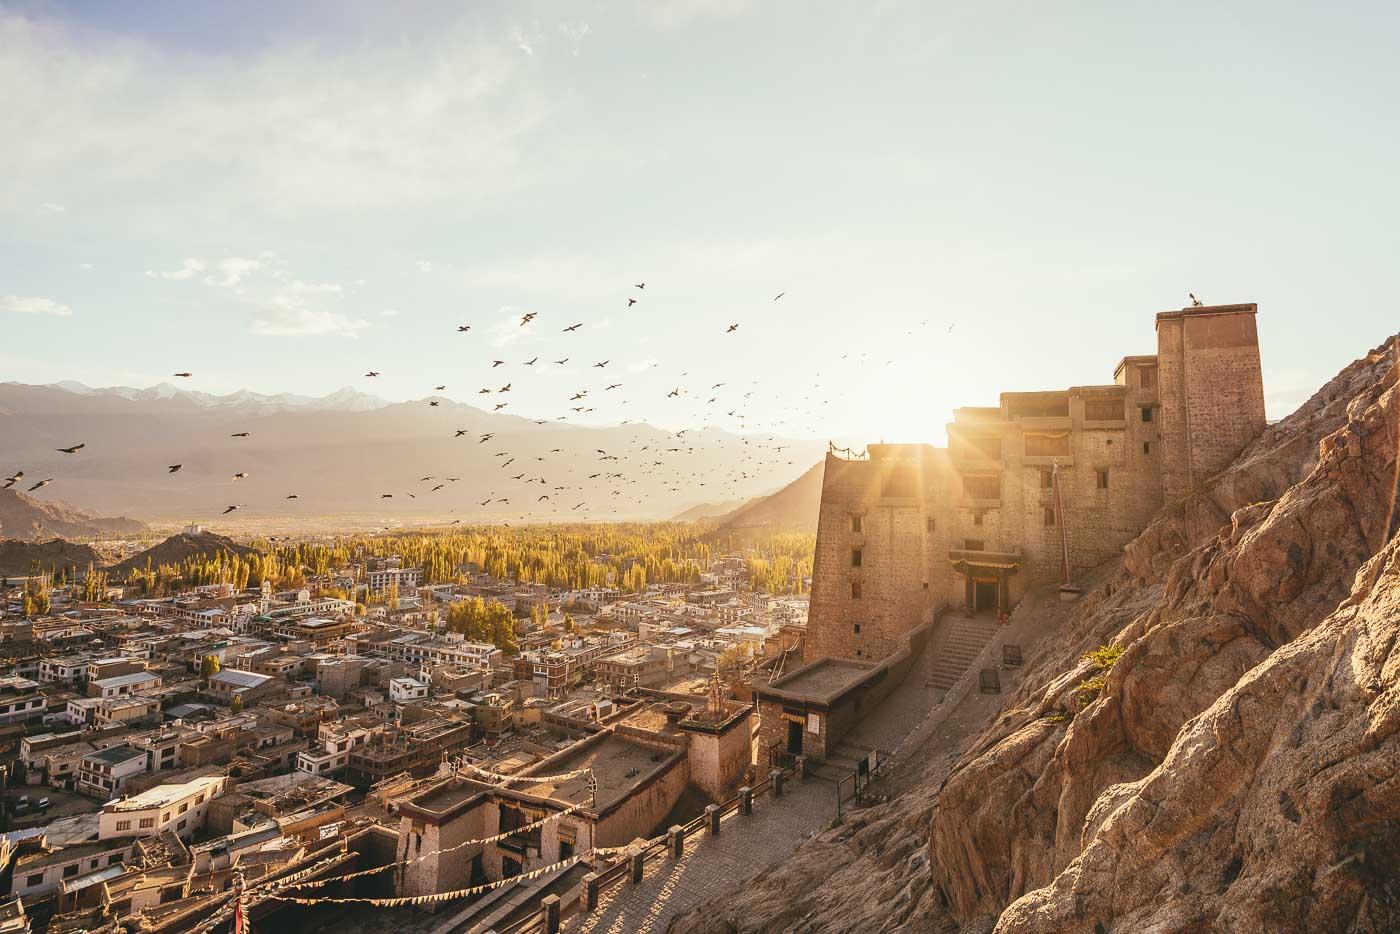 Monastery in Ladakh India